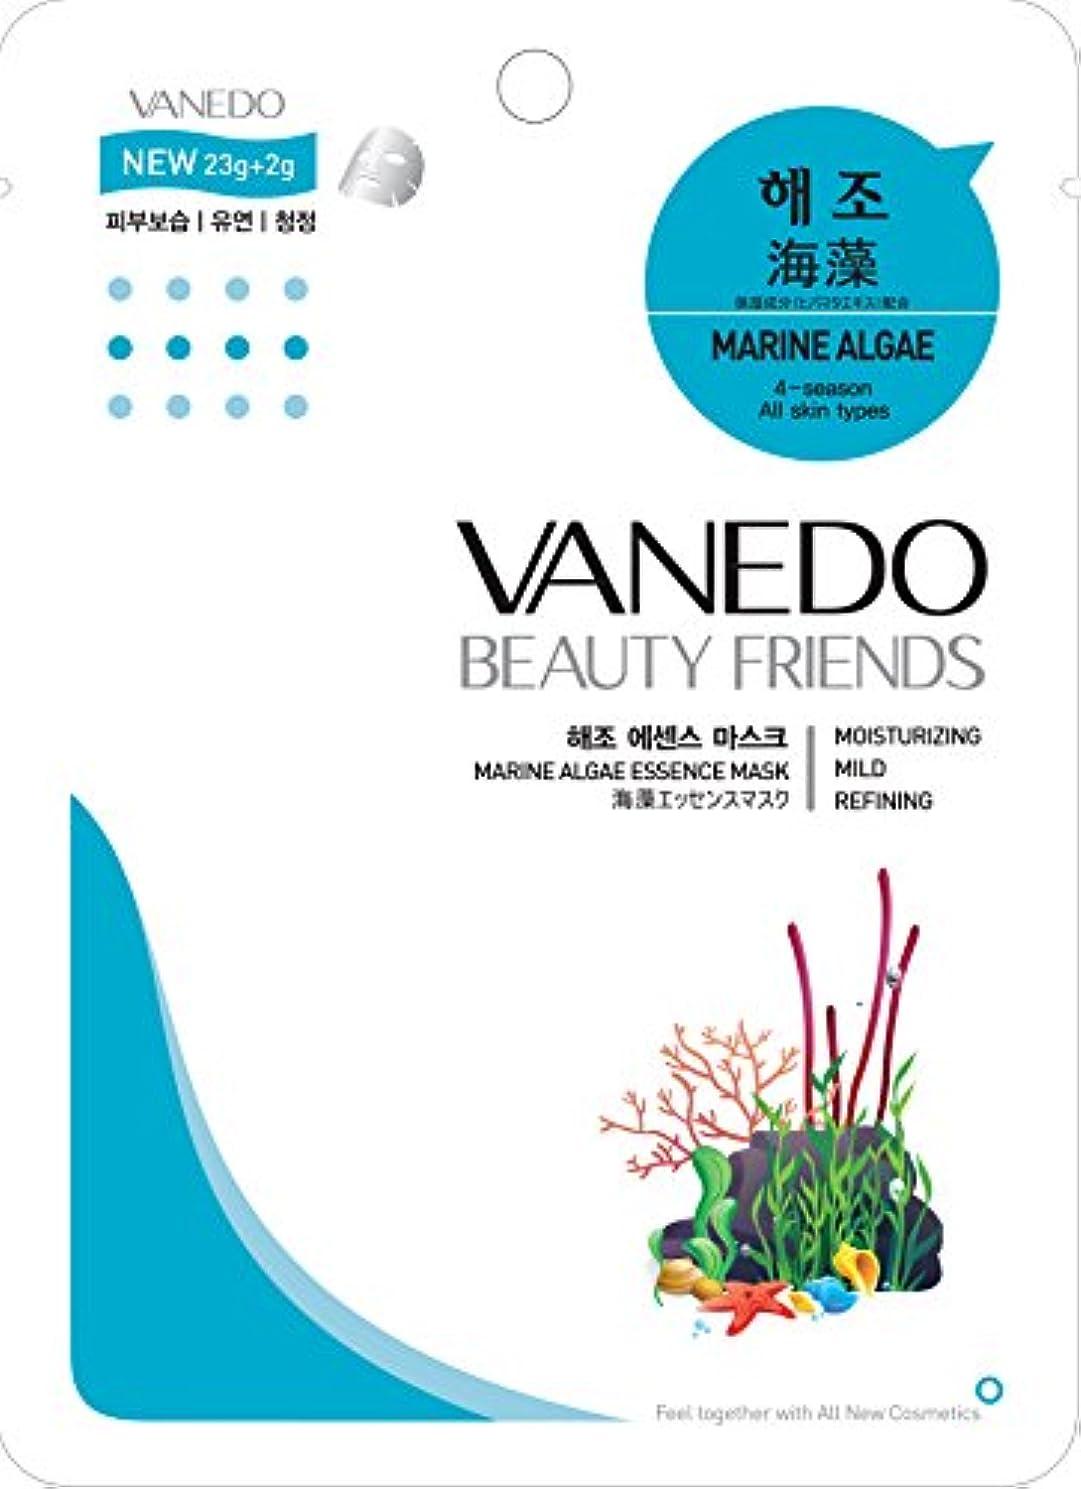 所有権呼吸レール【VANEDO】バネド シートマスク 海藻 10枚セット/エッセンス/保湿/フェイスマスク/フェイスパック/マスクパック/韓国コスメ [メール便]